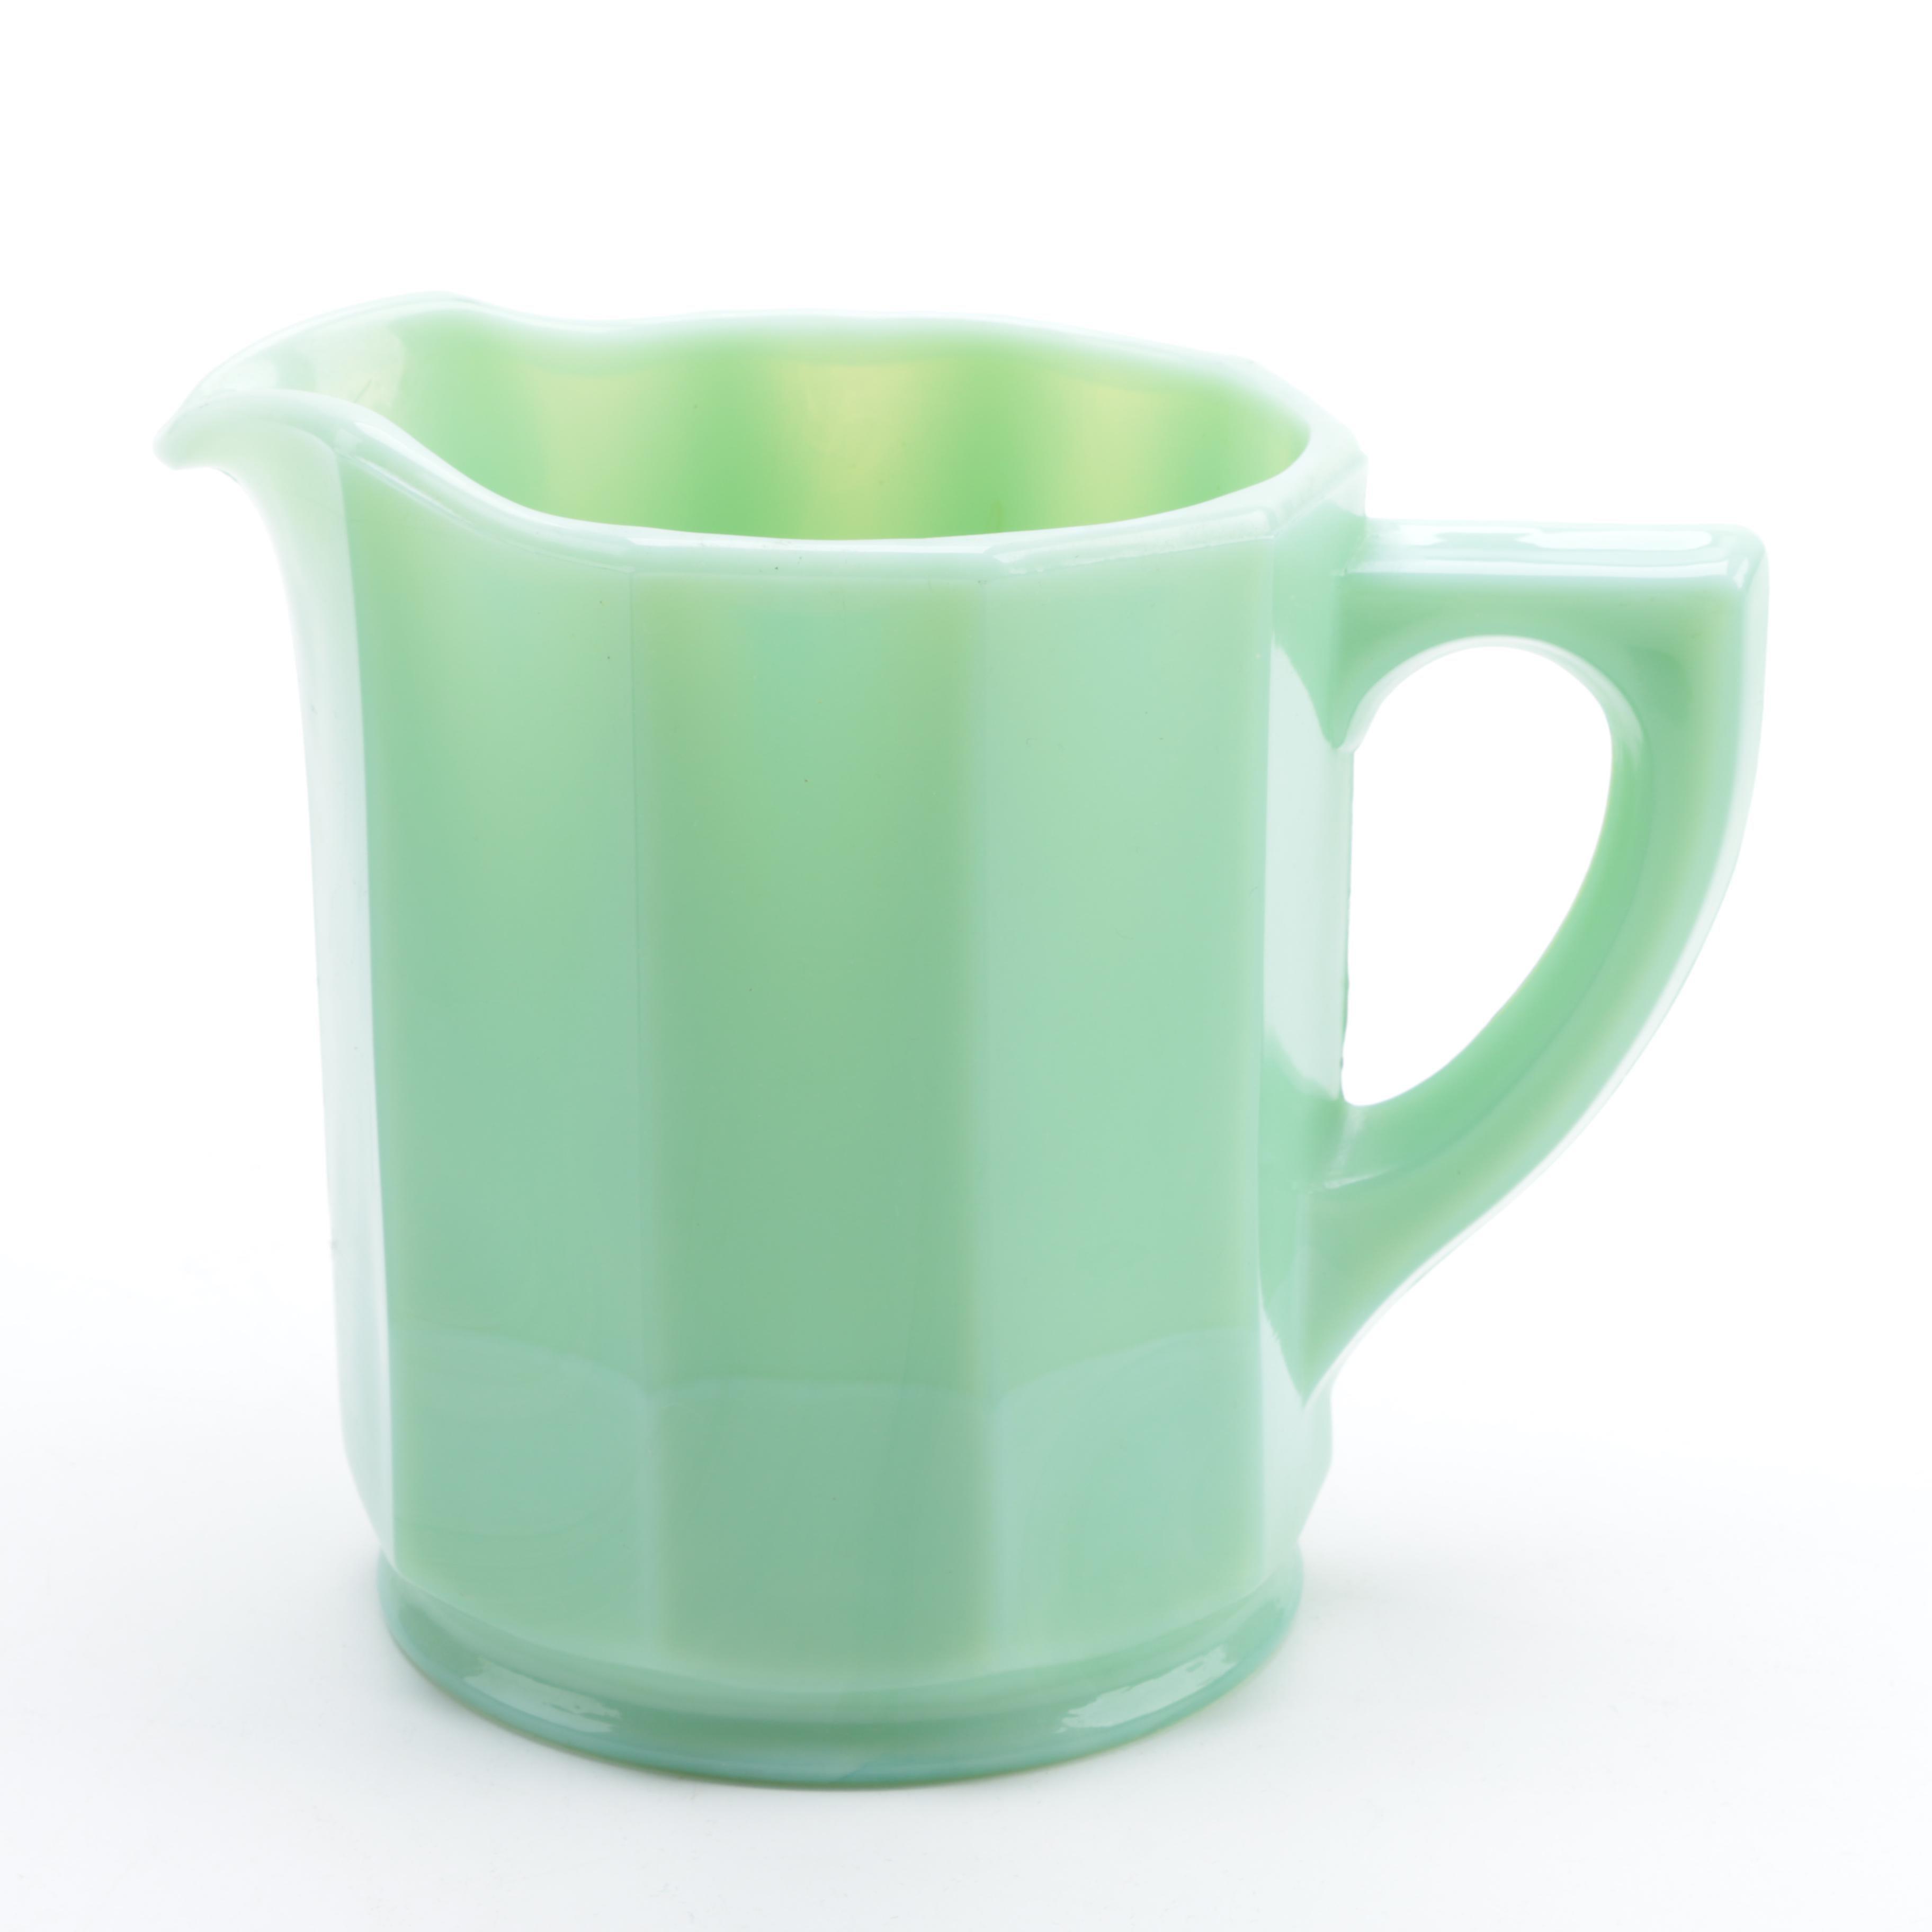 Jadeite Pitcher